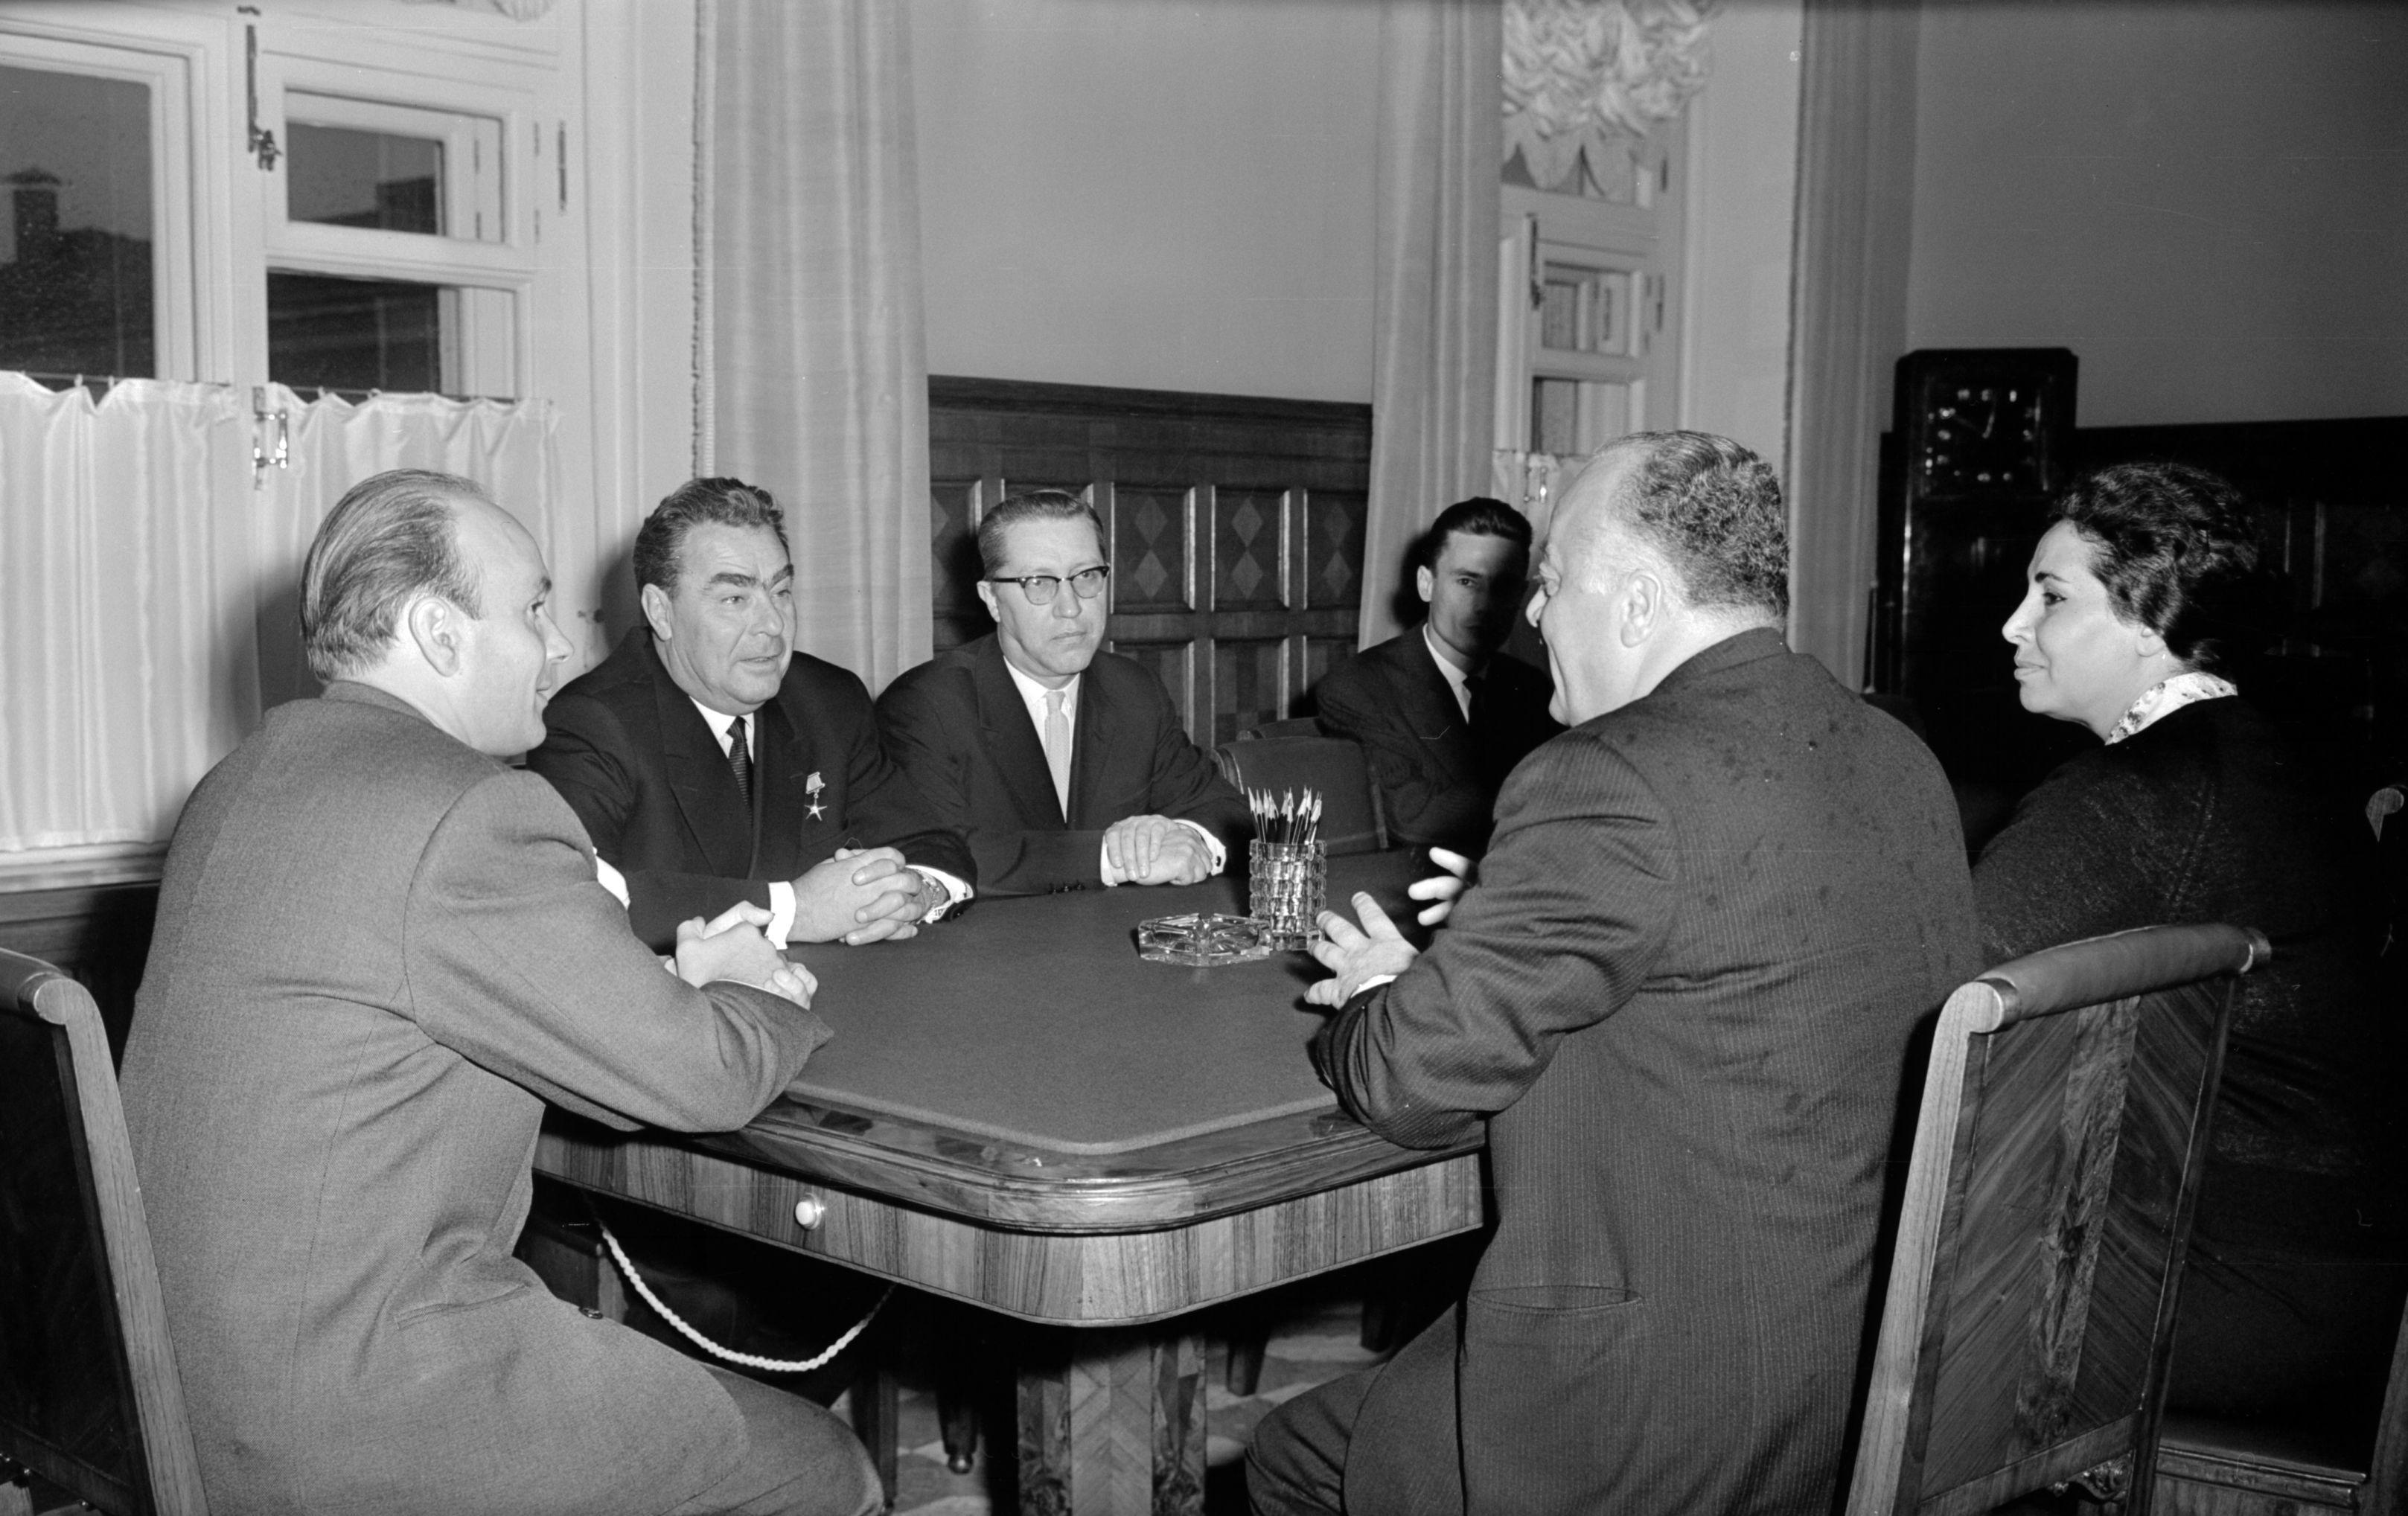 أقامت موسكو علاقات دبلوماسية مع مملكة الحجاز ونجد في عام 1926